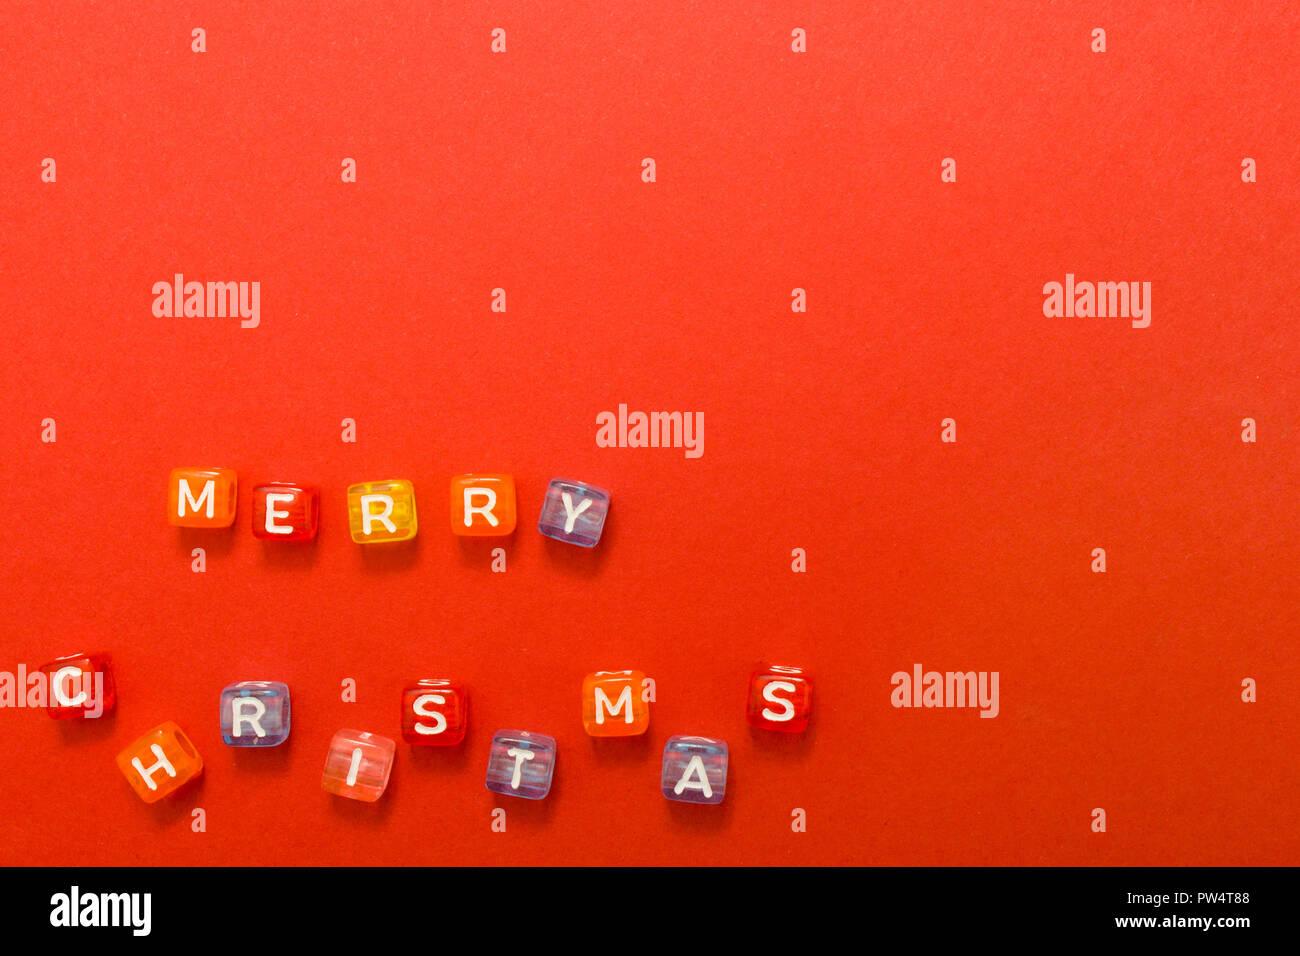 Wörter frohe Weihnachten aus bunten Blöcke auf roten Hintergrund ...